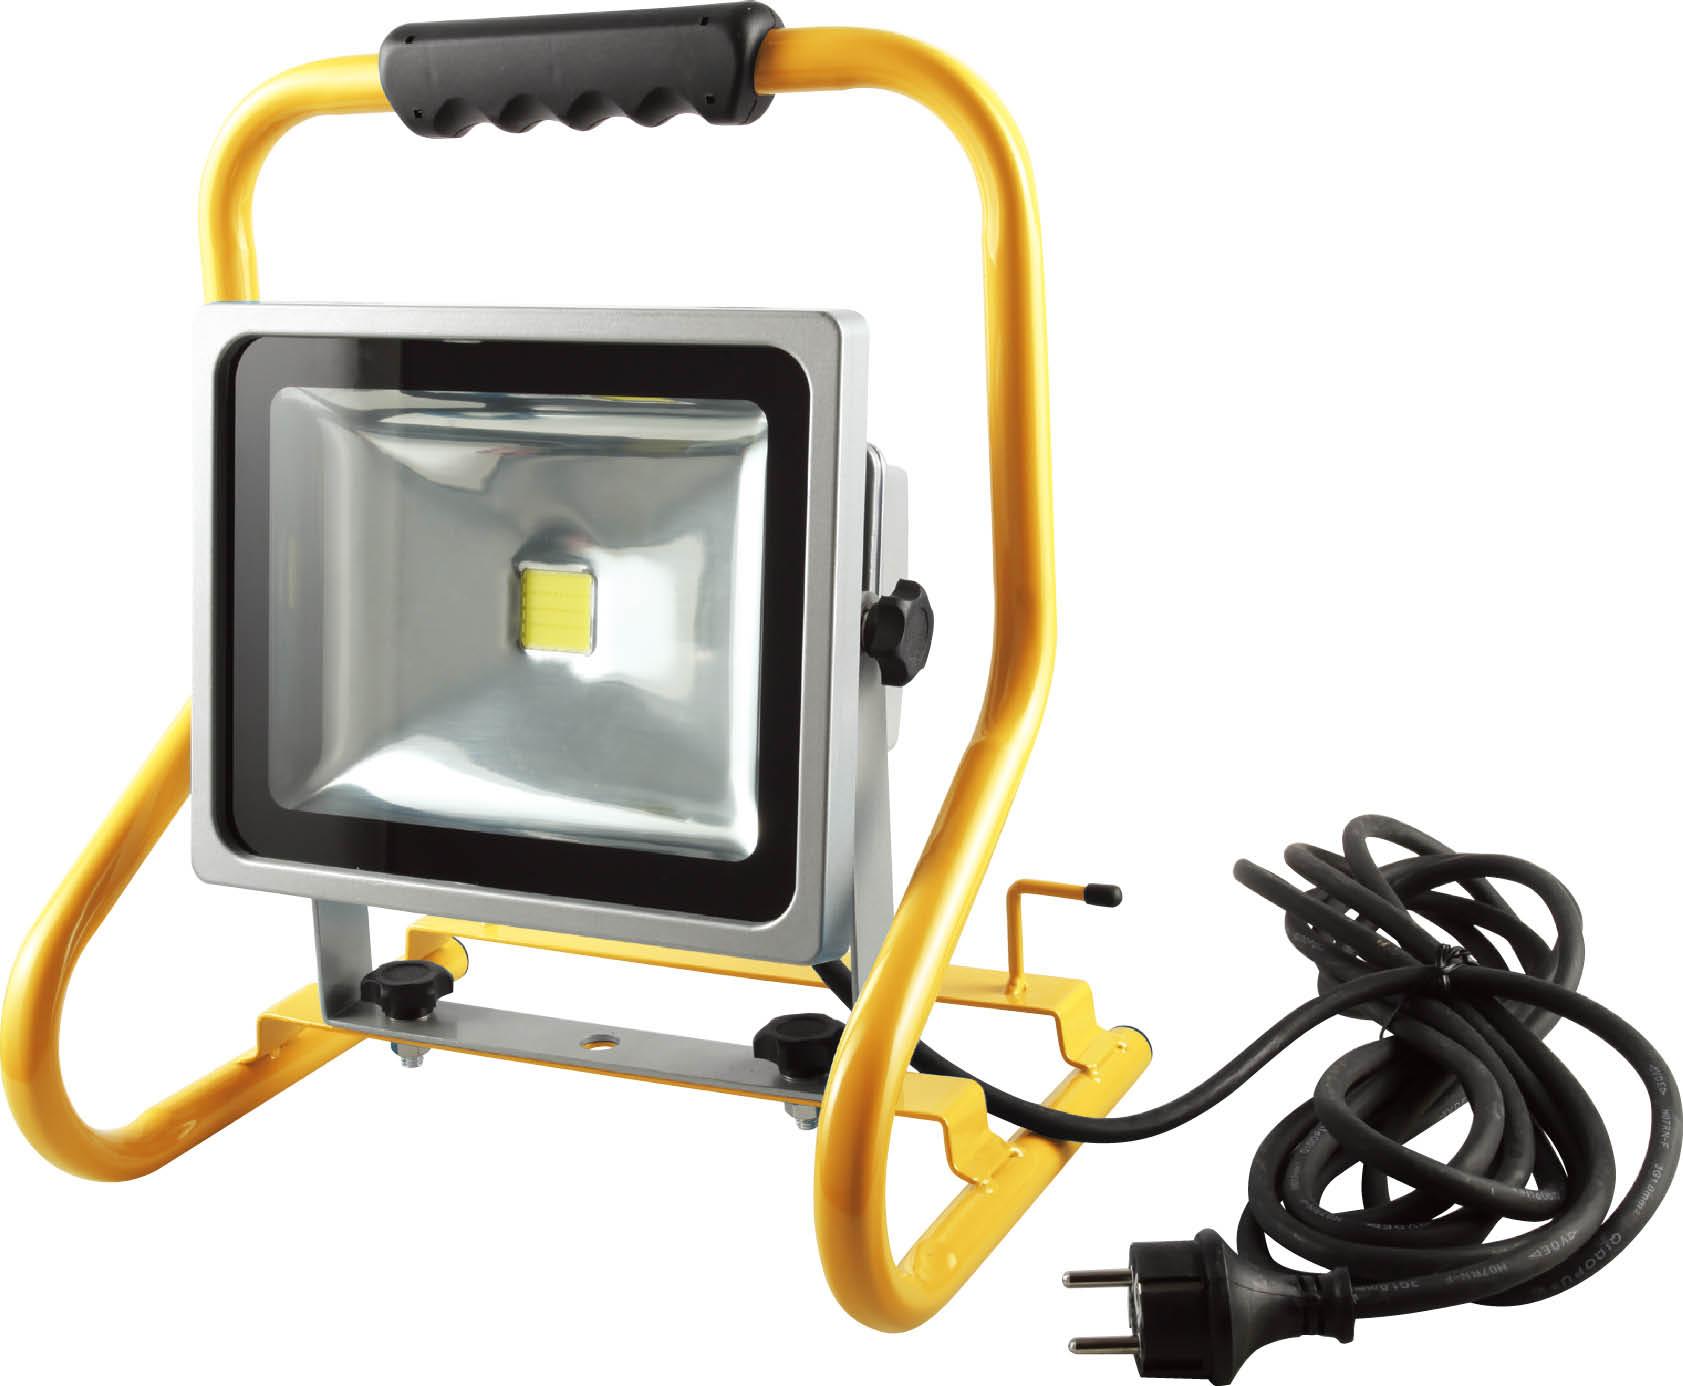 Projecteur De Chantier Led 30w Portable Ip44 Eclairage